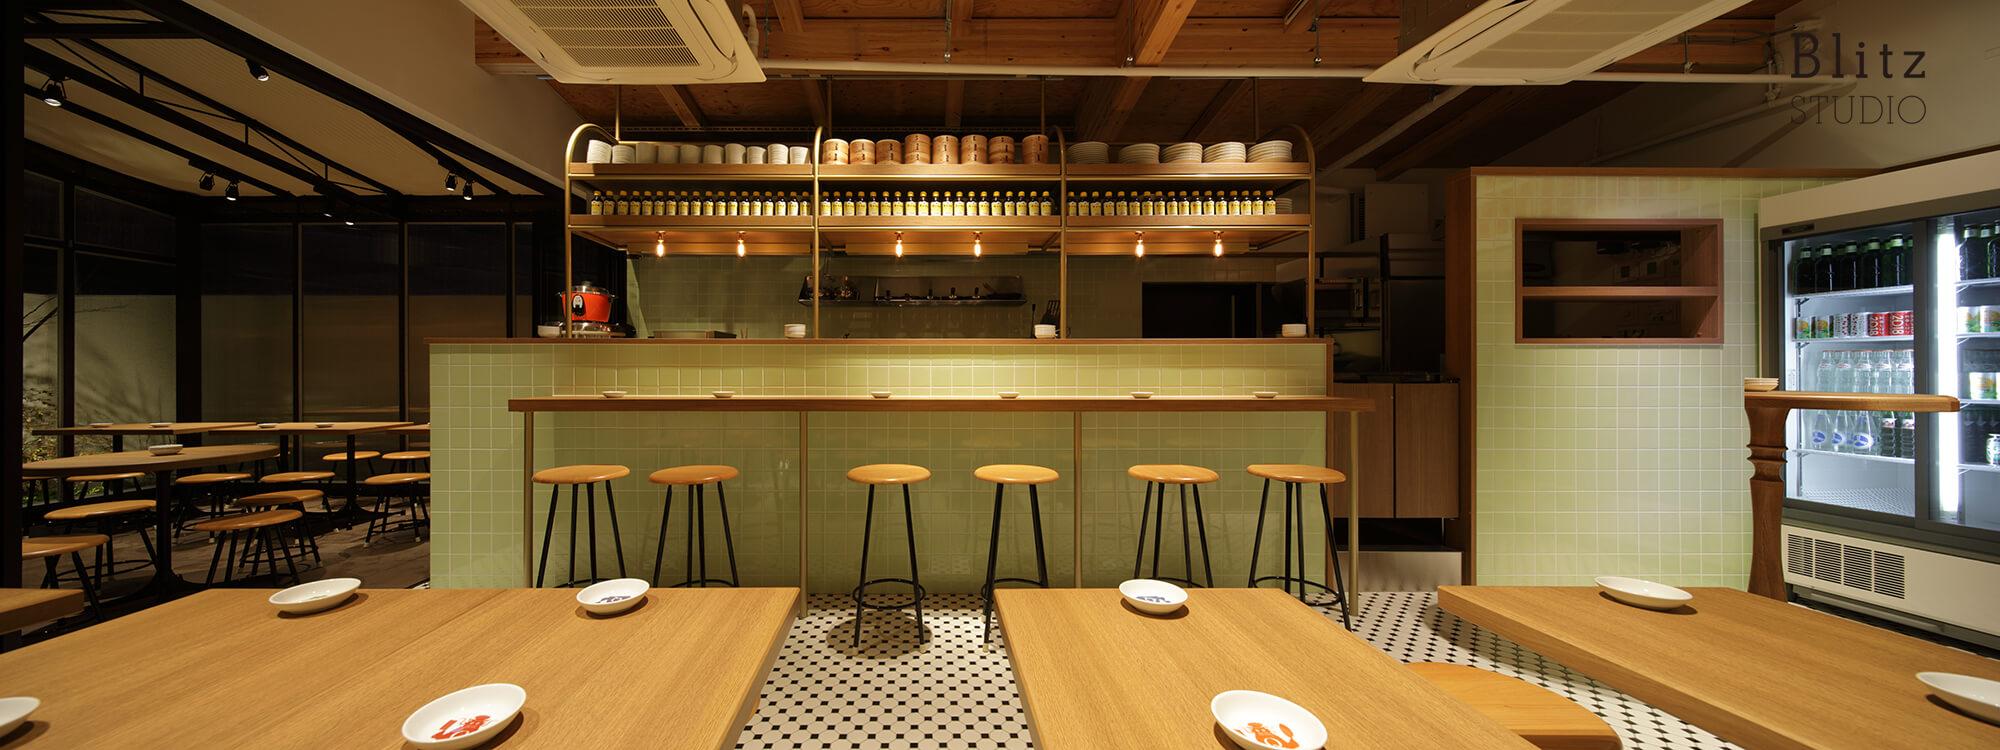 『豆皿中華Q』-福岡県福岡市-建築写真・竣工写真・インテリア写真2